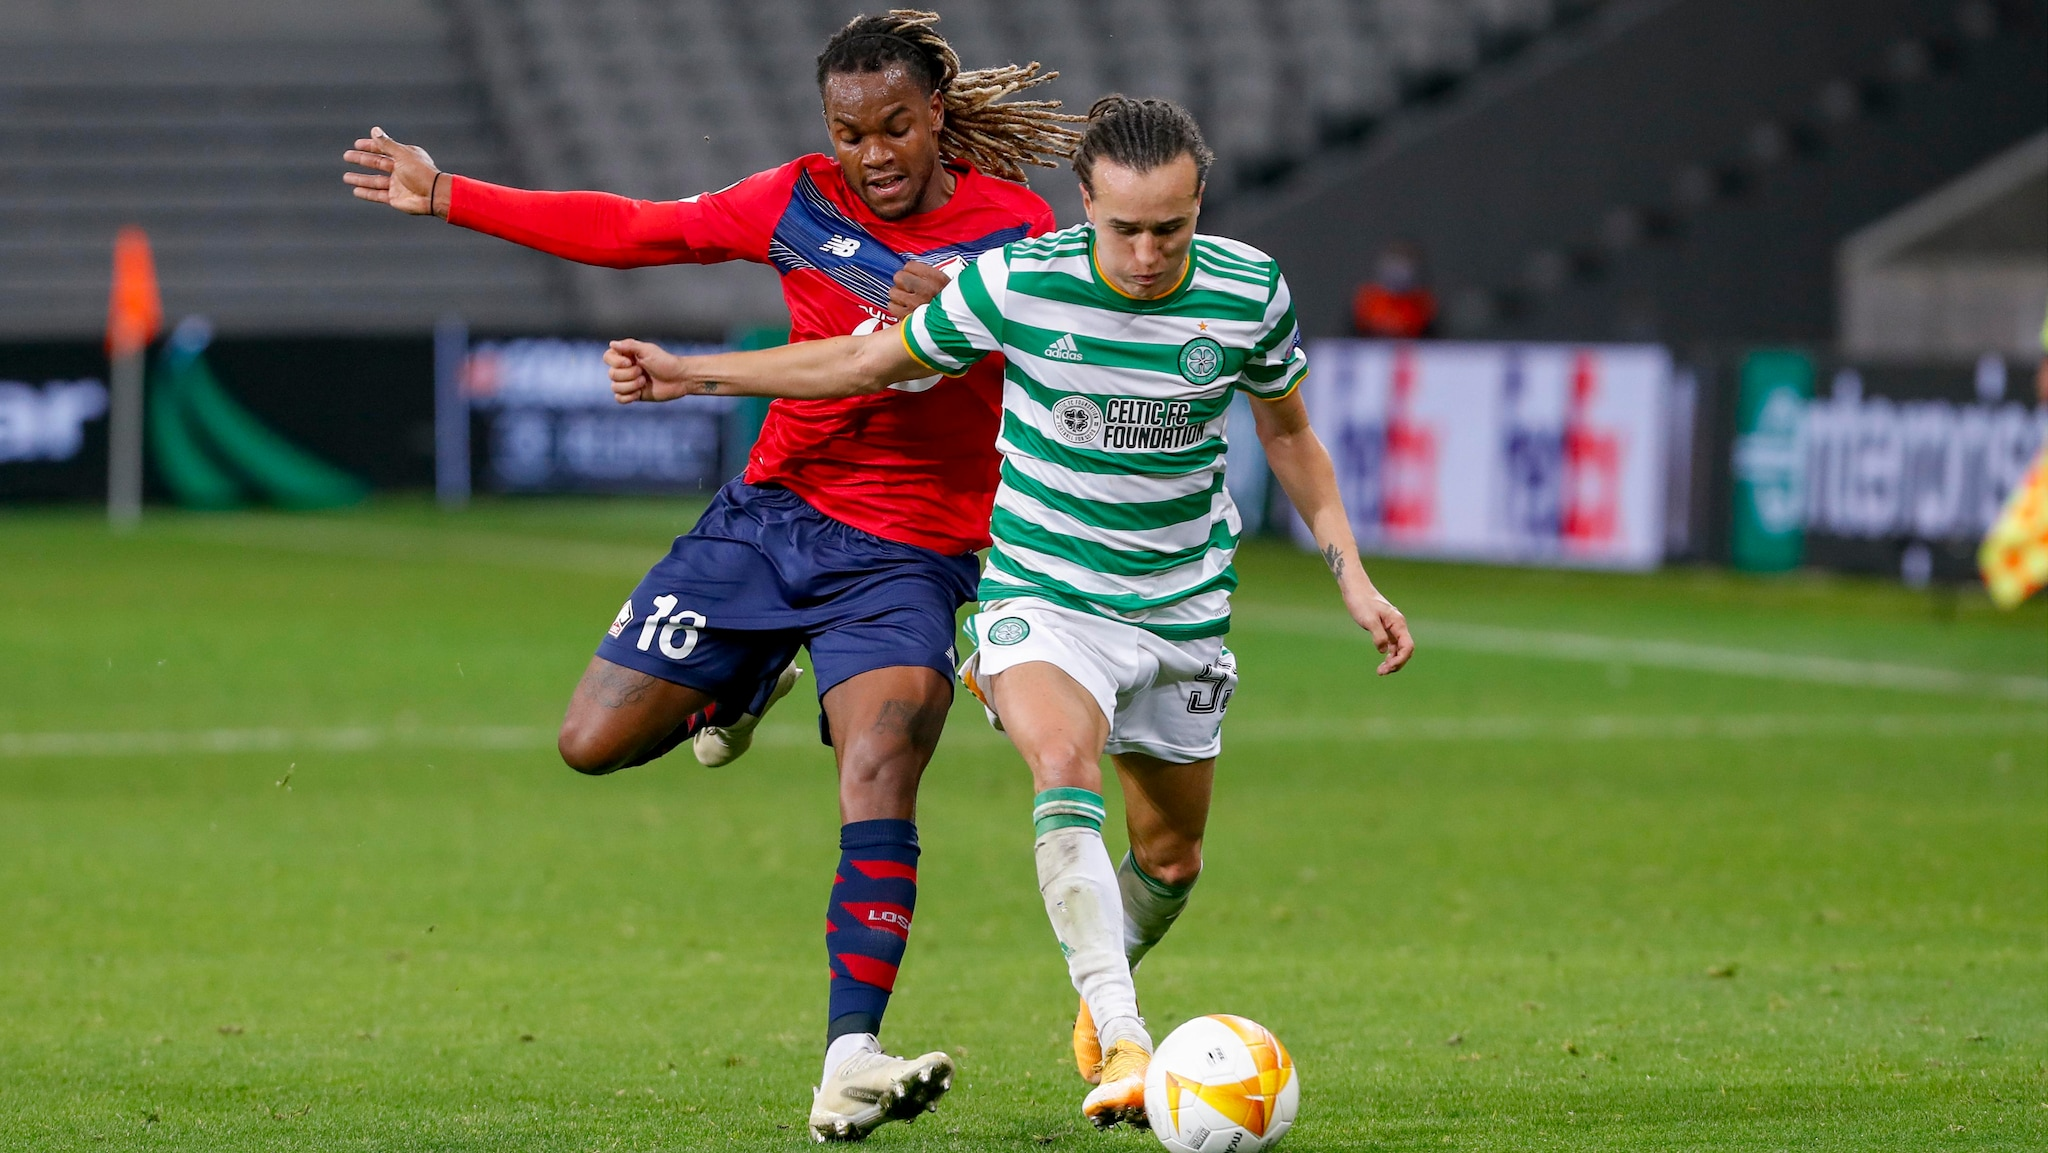 Celtic vs LOSC Lille: facts